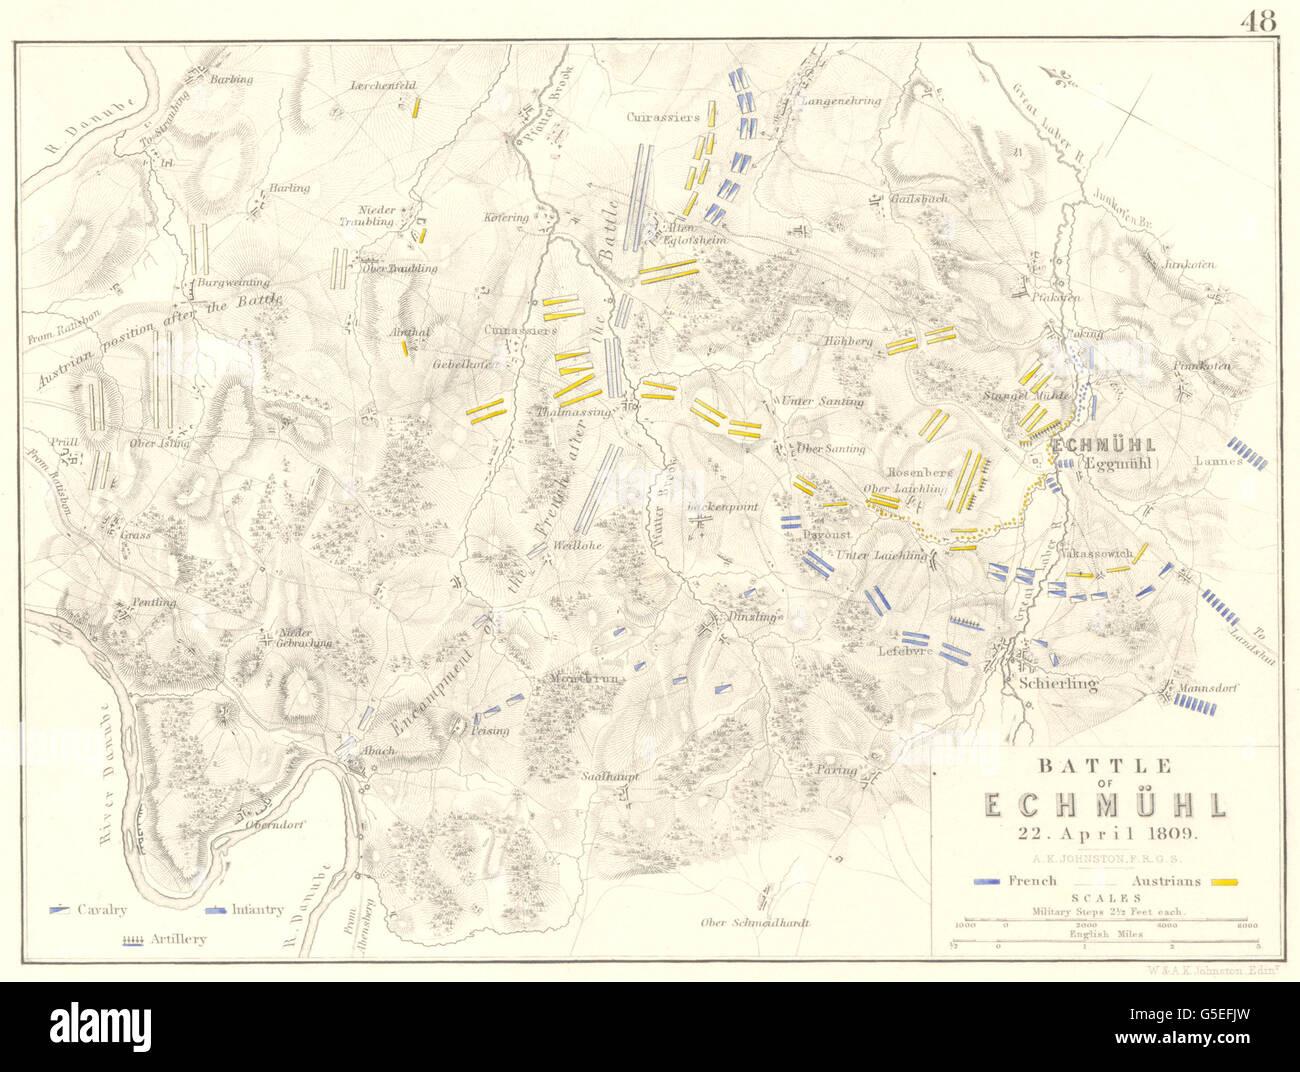 Battle Of Echmuhl 22 April 1809 Europe Napoleonic Wars 1848